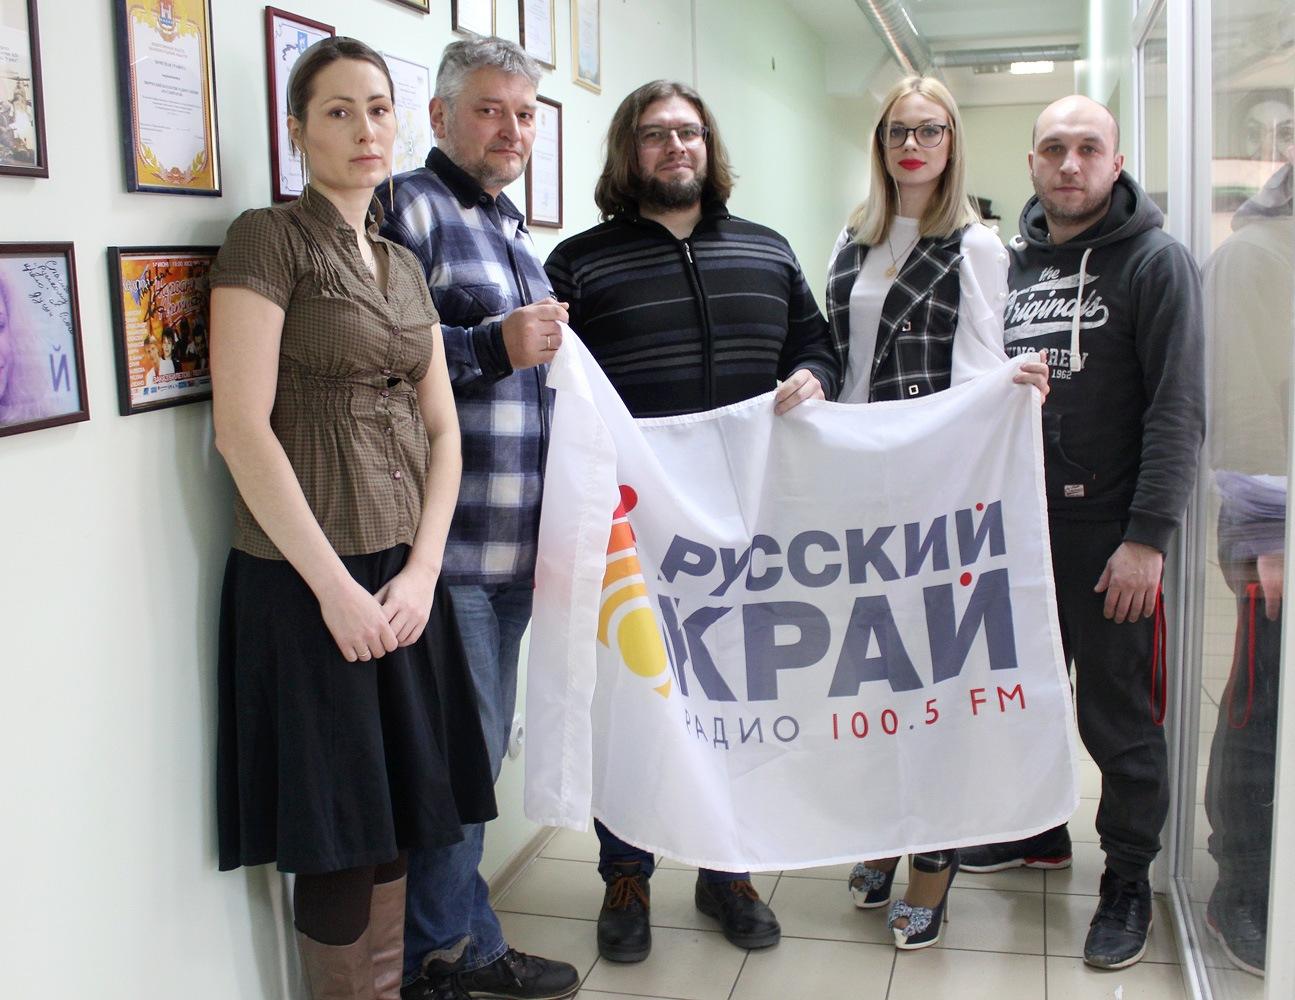 kanadskie-doma-na-russkom-krae4